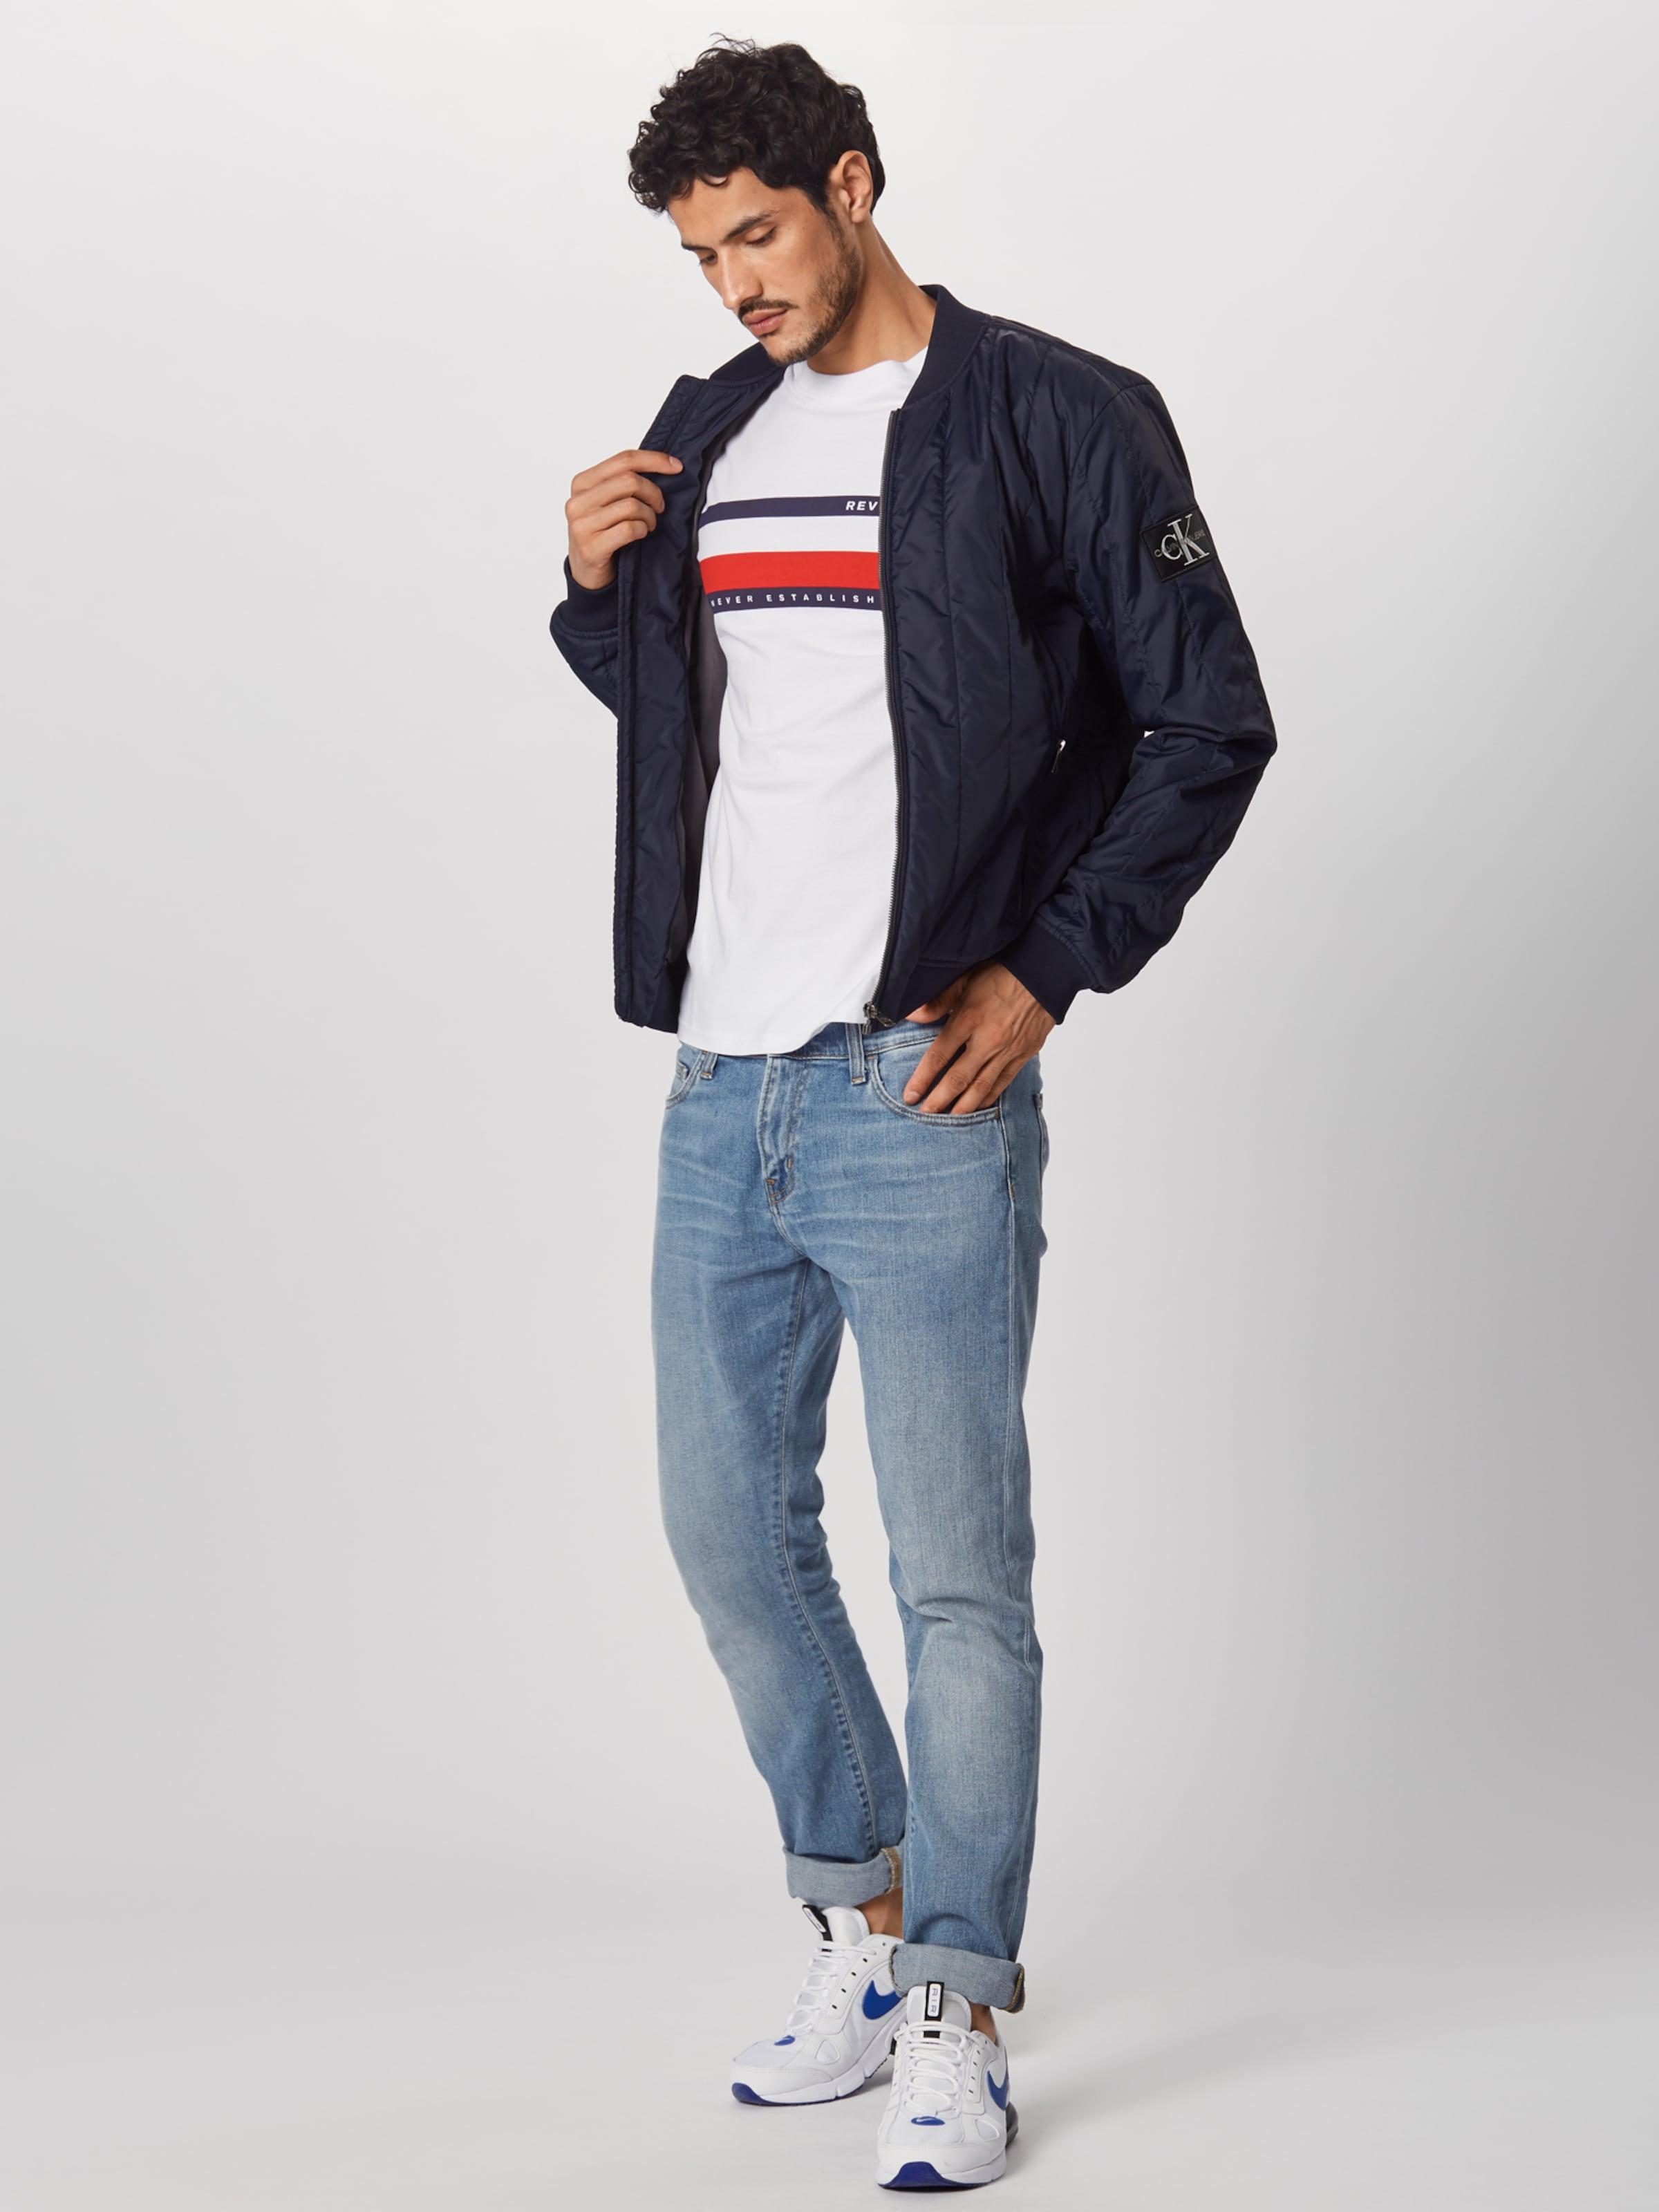 shirt FoncéRouge En Review Stripe 'h Tee' T Bleu Blanc CBordxeW